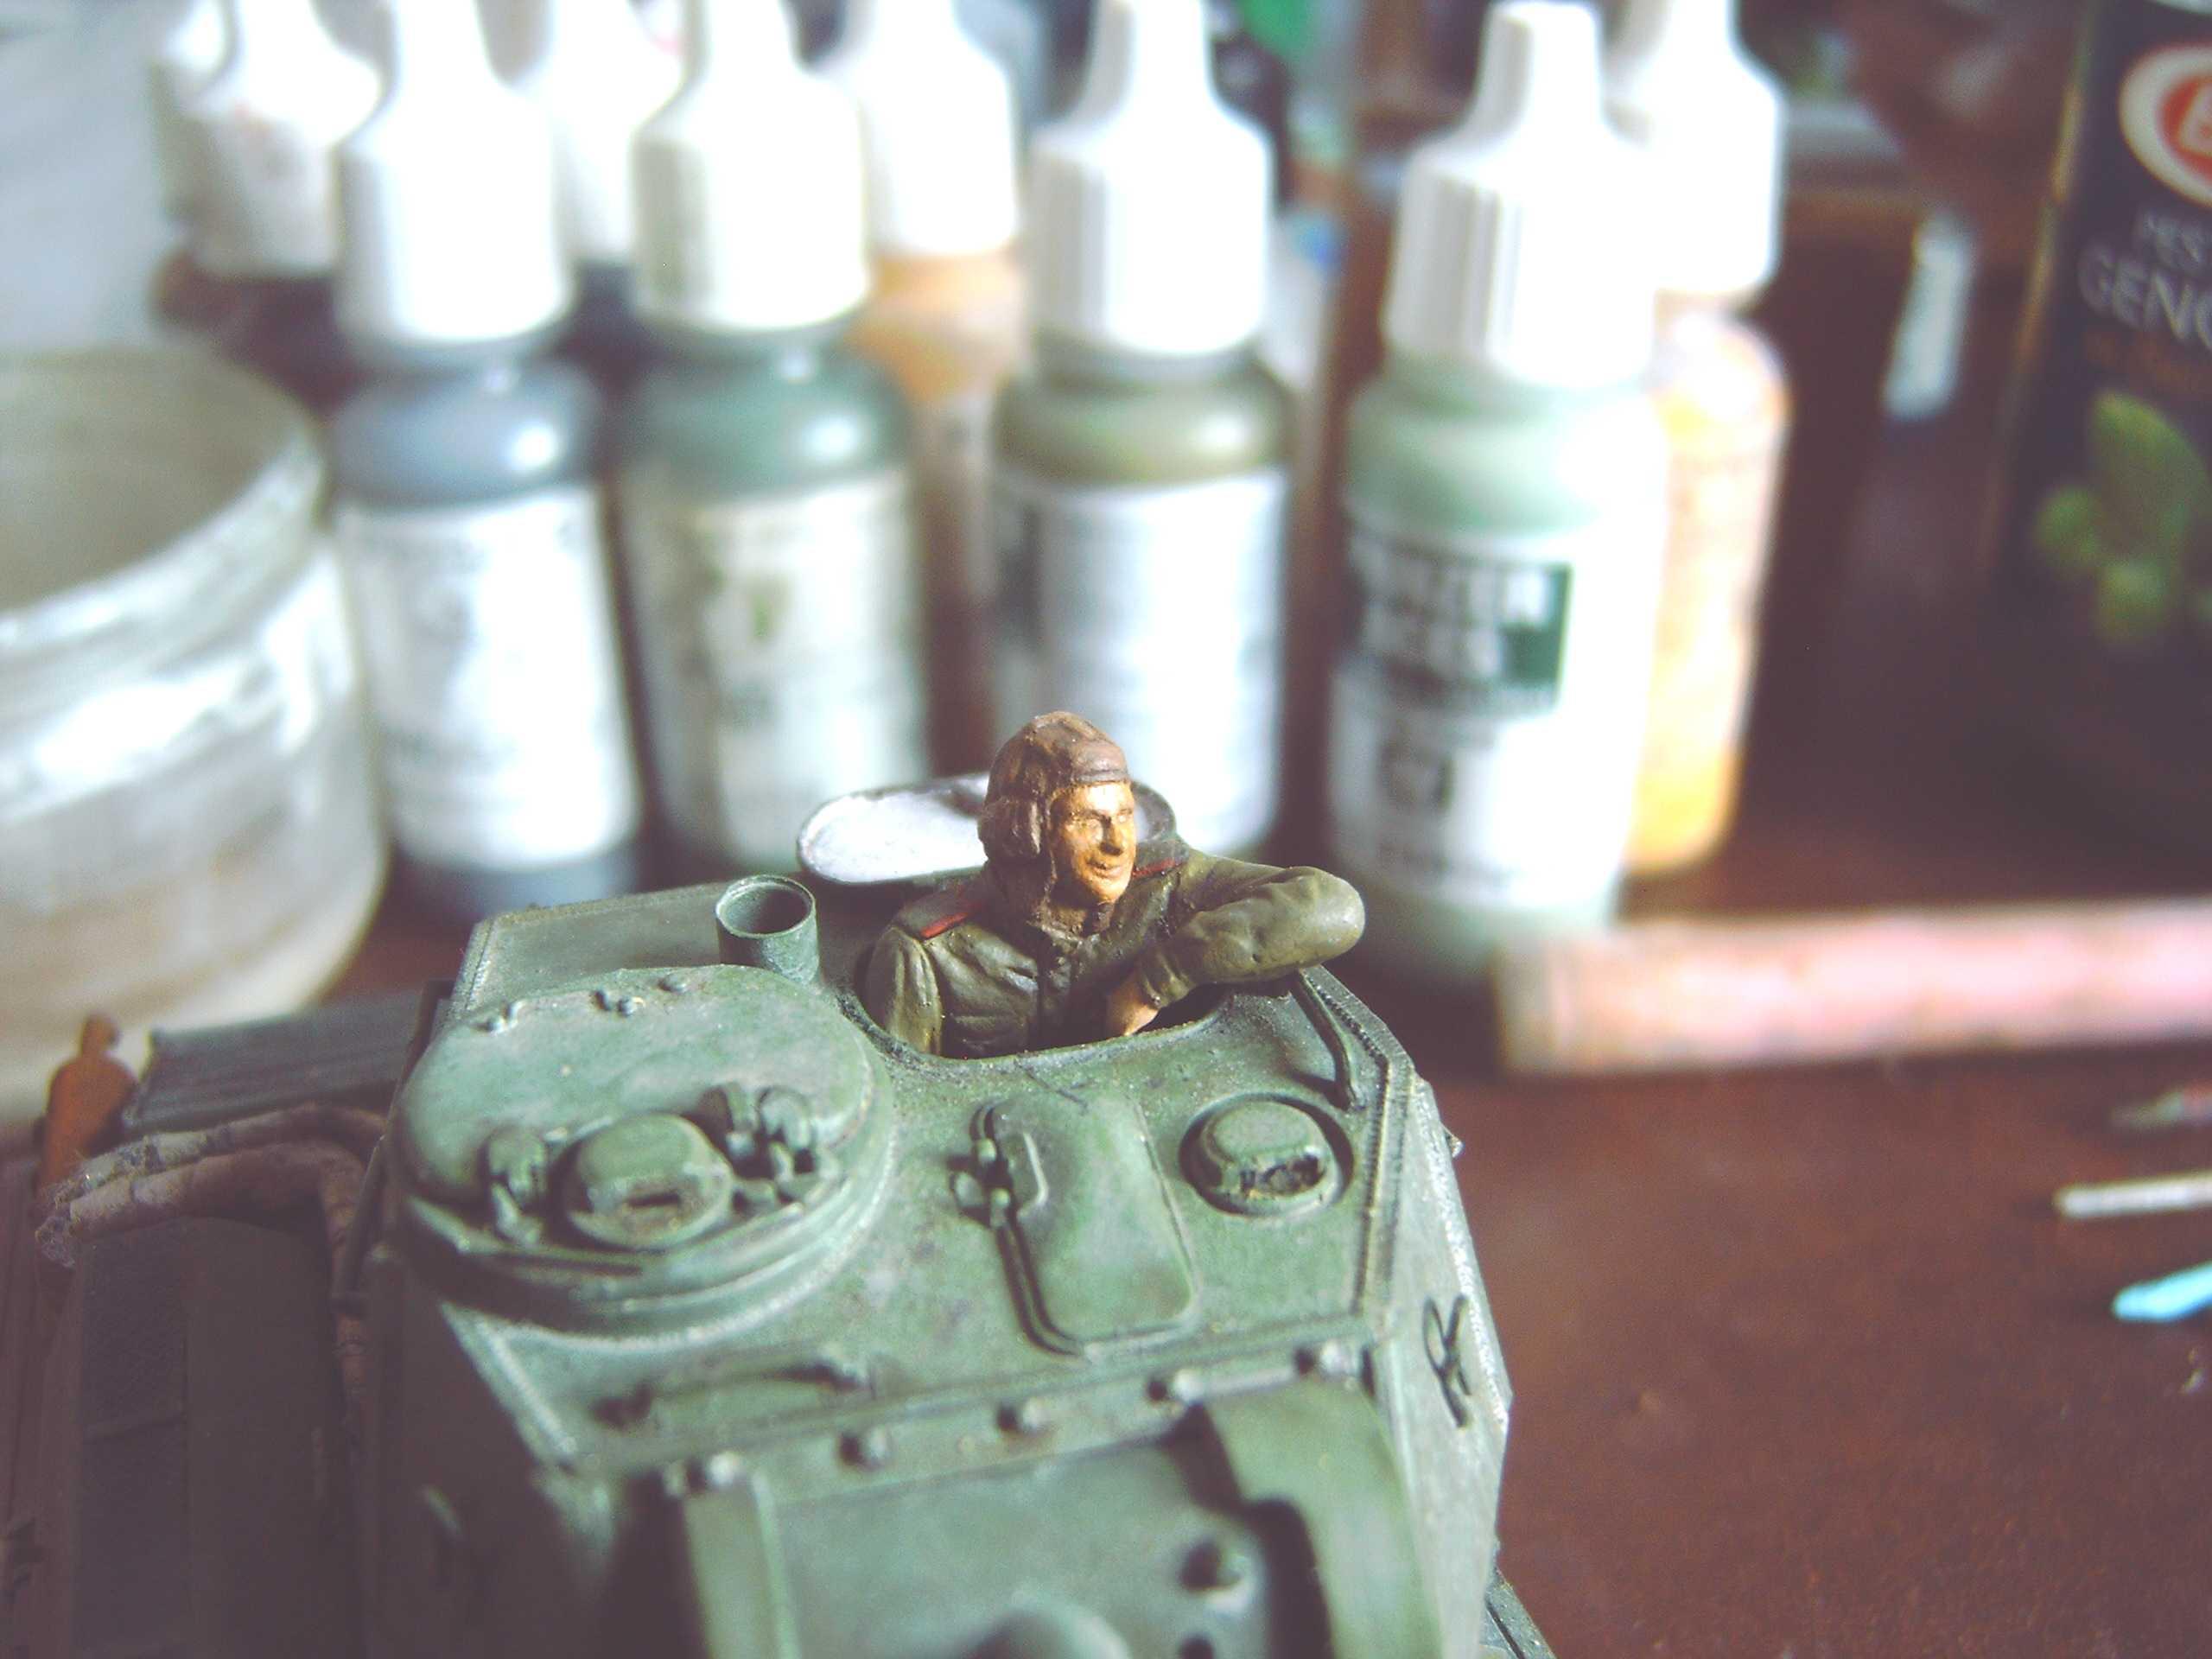 Tankiste russe Tamya 1/35 12122001224315273410682808